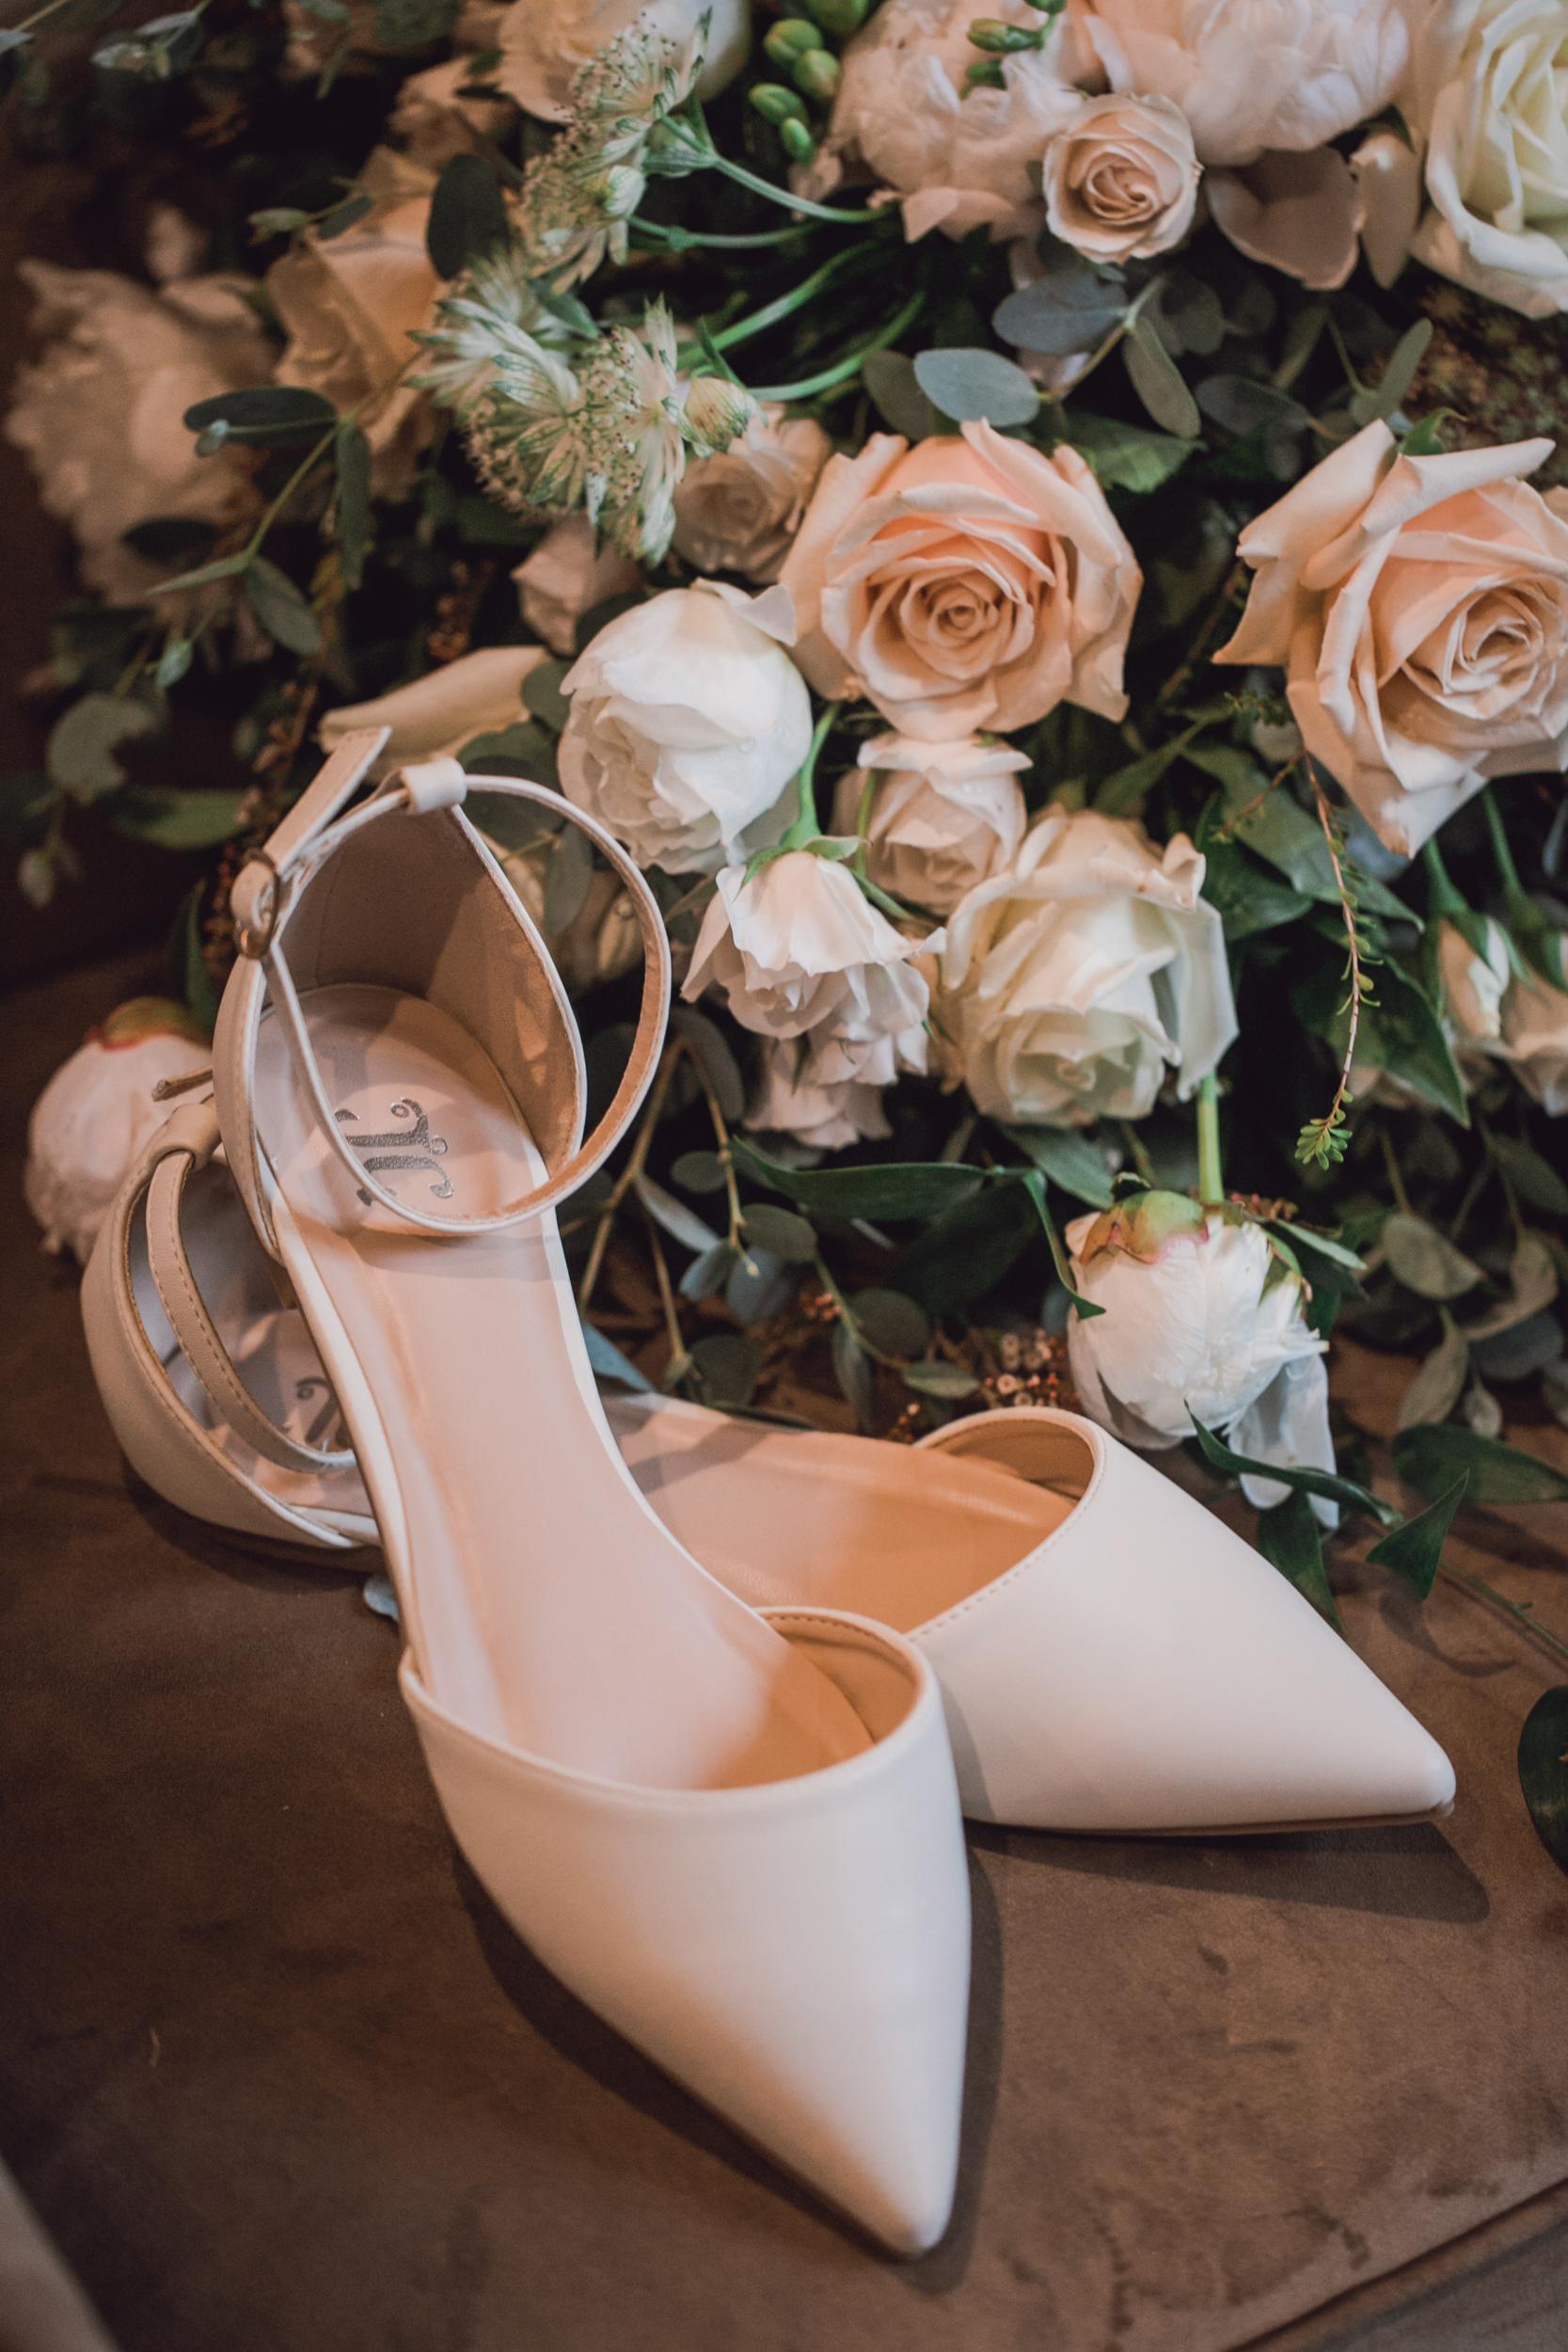 dellwood country club wedding*, Dellwood Country Club*, golf course wedding*, green golf course*, rose pink wedding details*-www.rachelsmak.com3.jpg